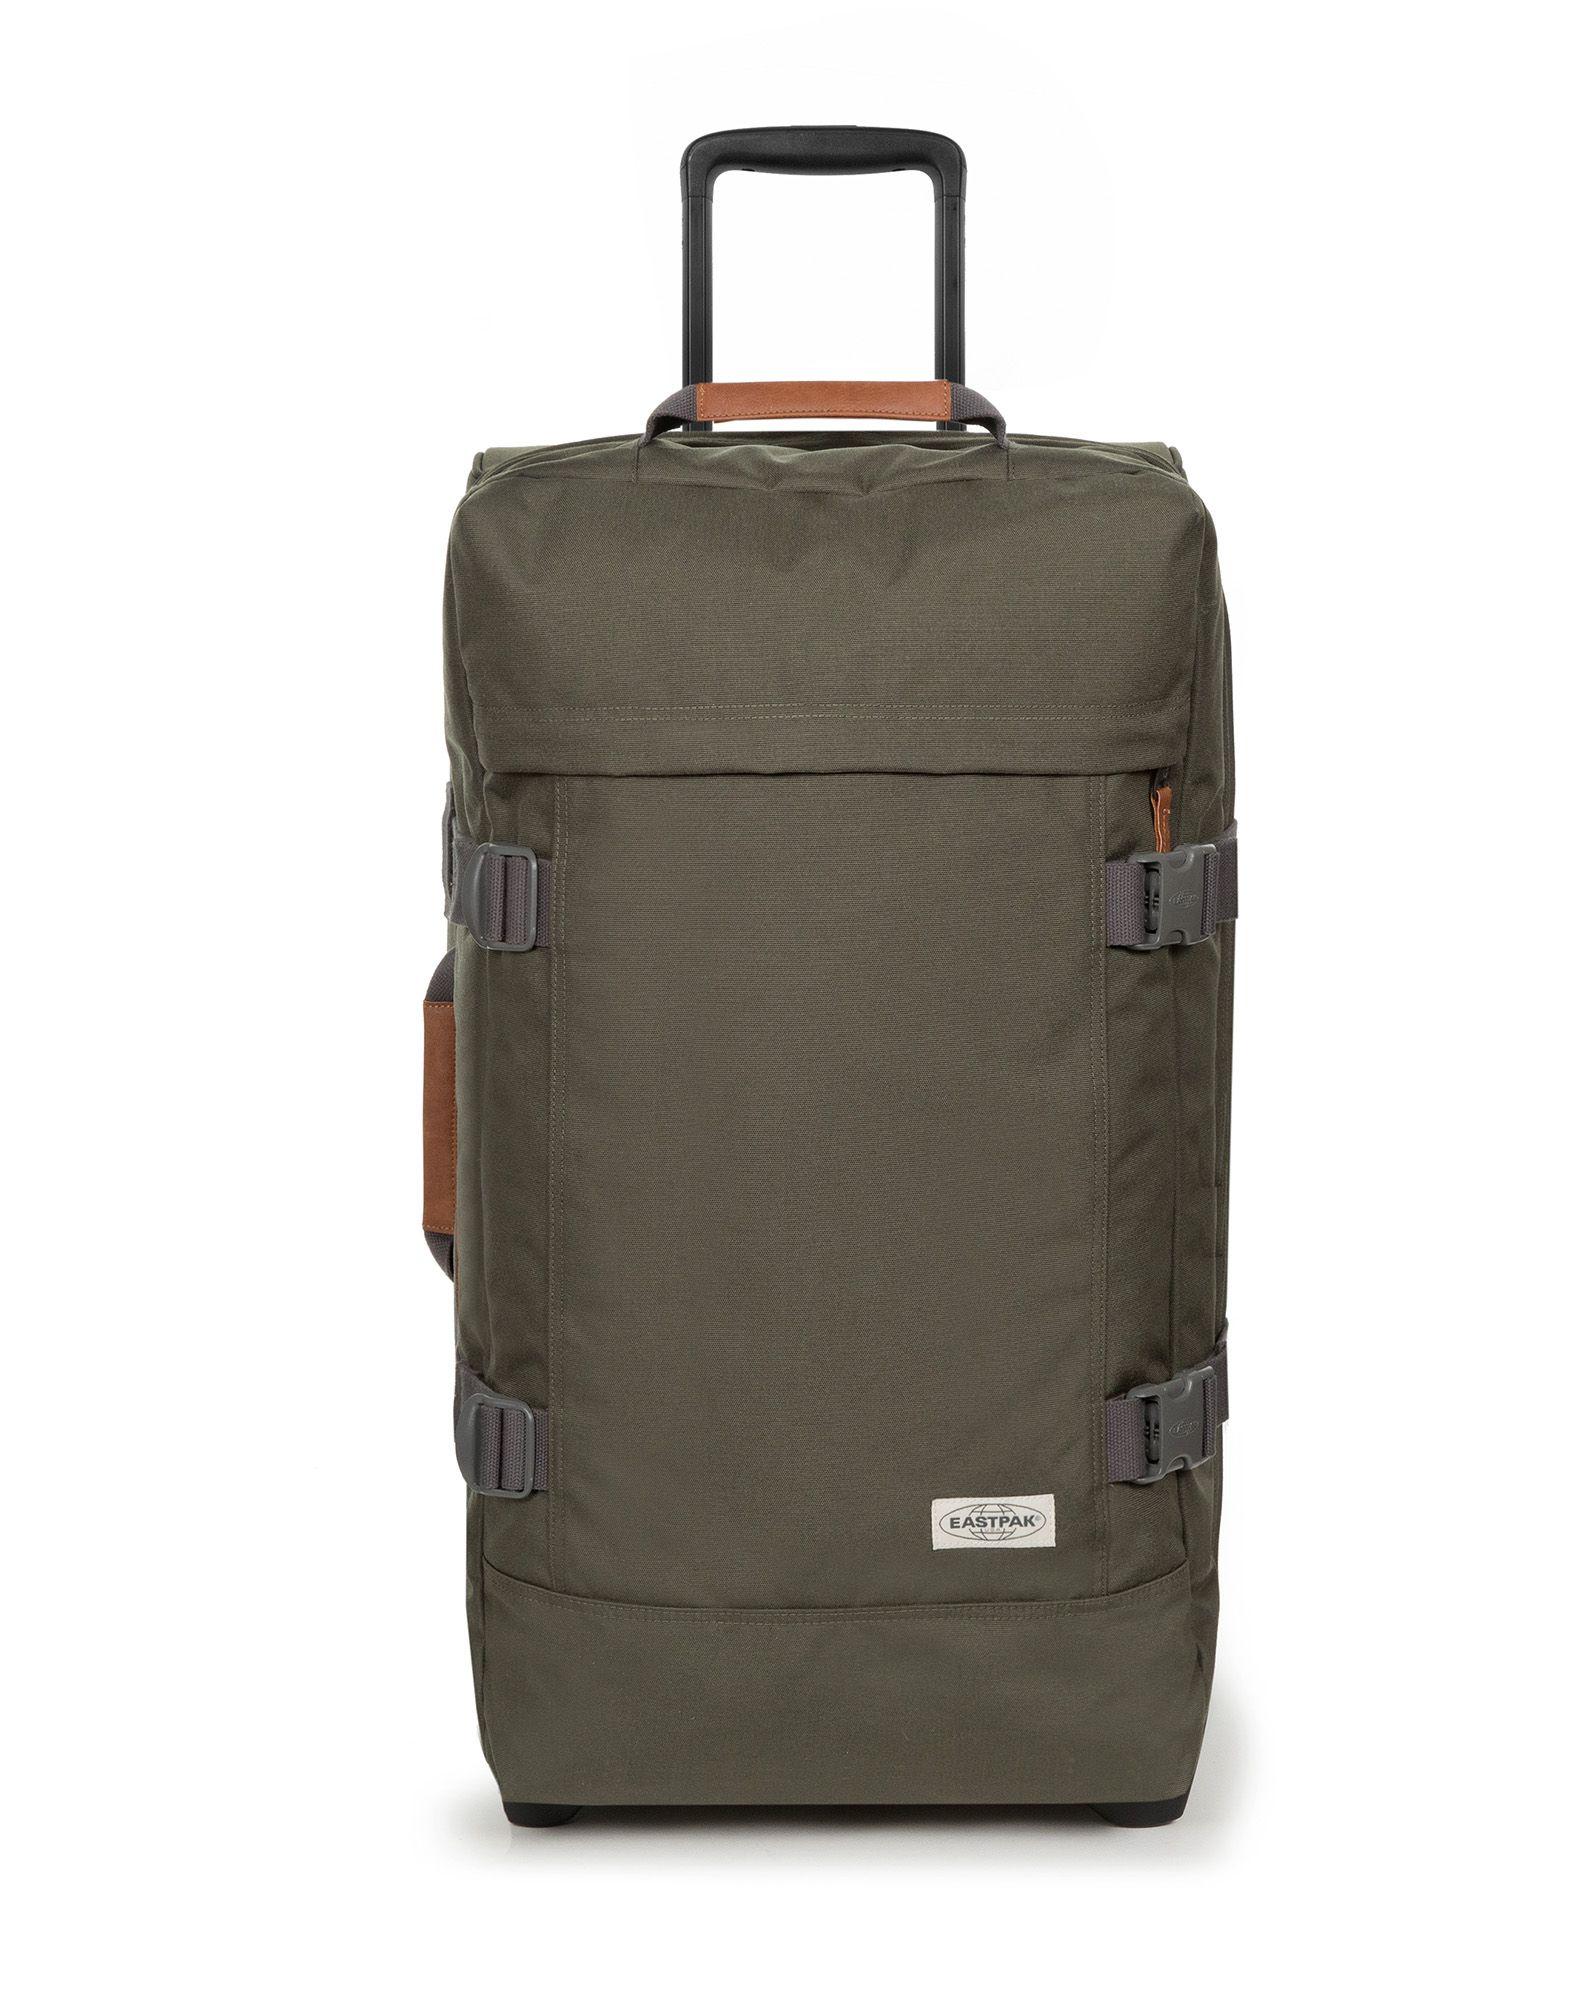 《期間限定セール中》EASTPAK Unisex キャスター付きバッグ ミリタリーグリーン ポリエステル 100% TRANVERZ M